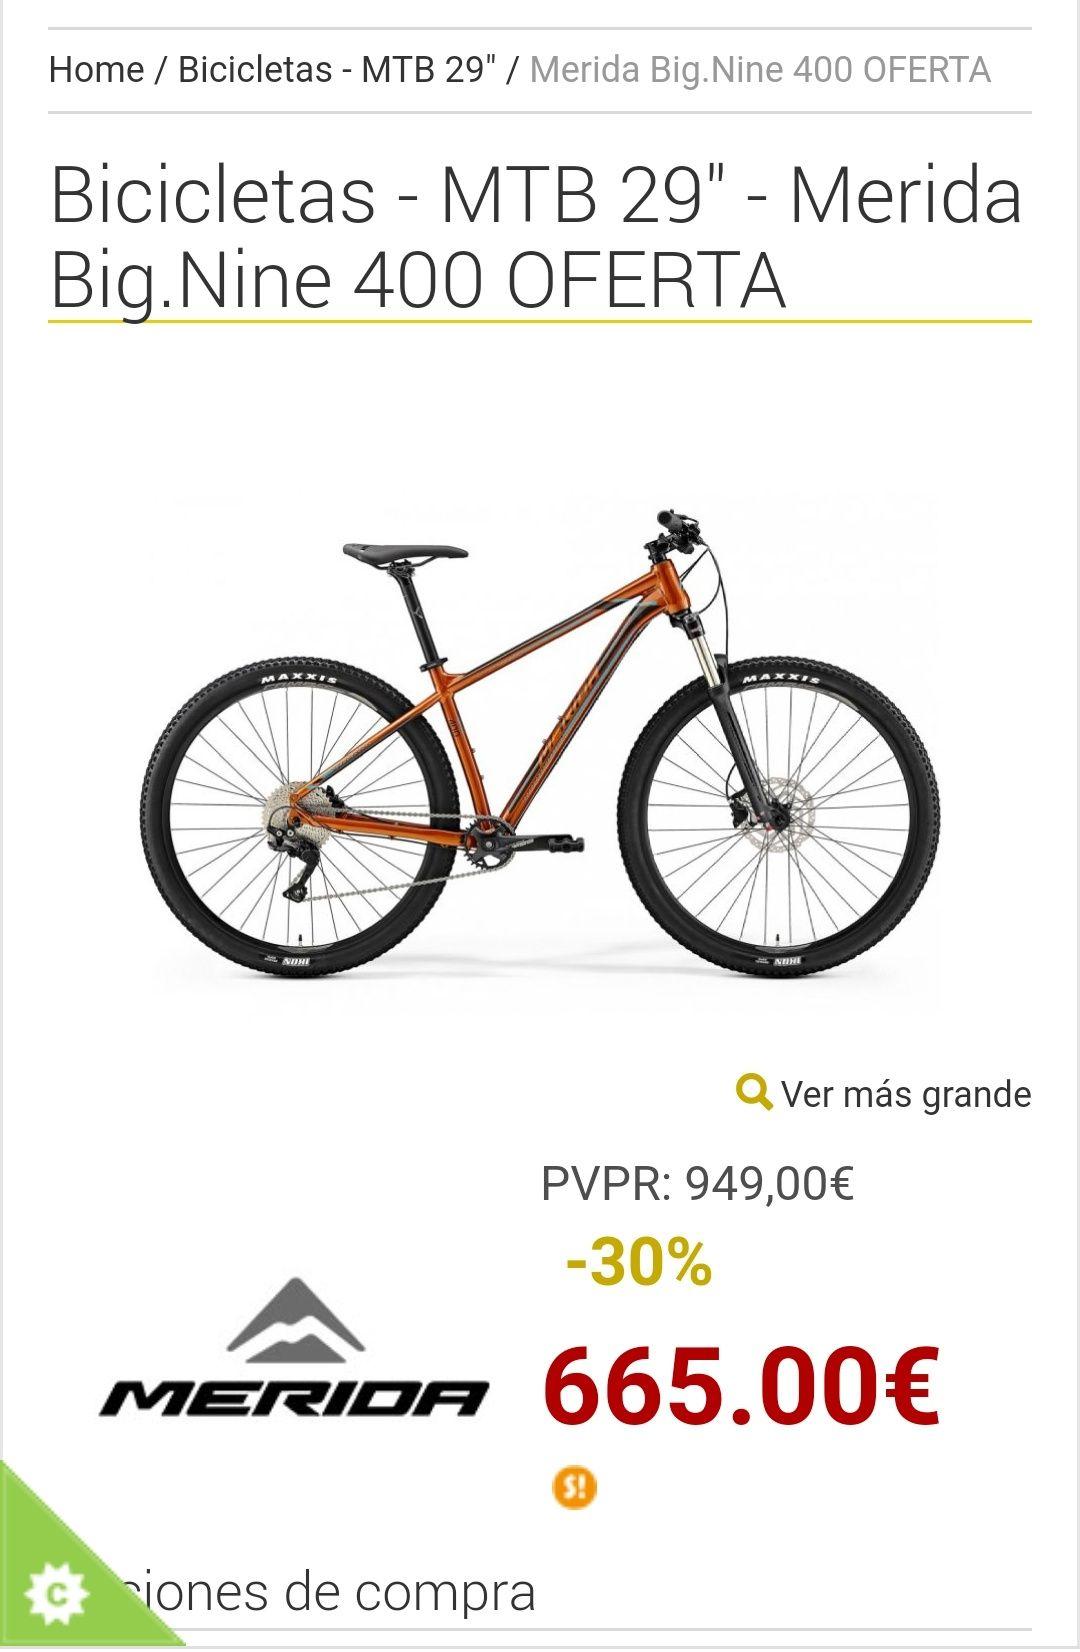 Bicicletas - MTB 29 -MeridaBig.Nine 400